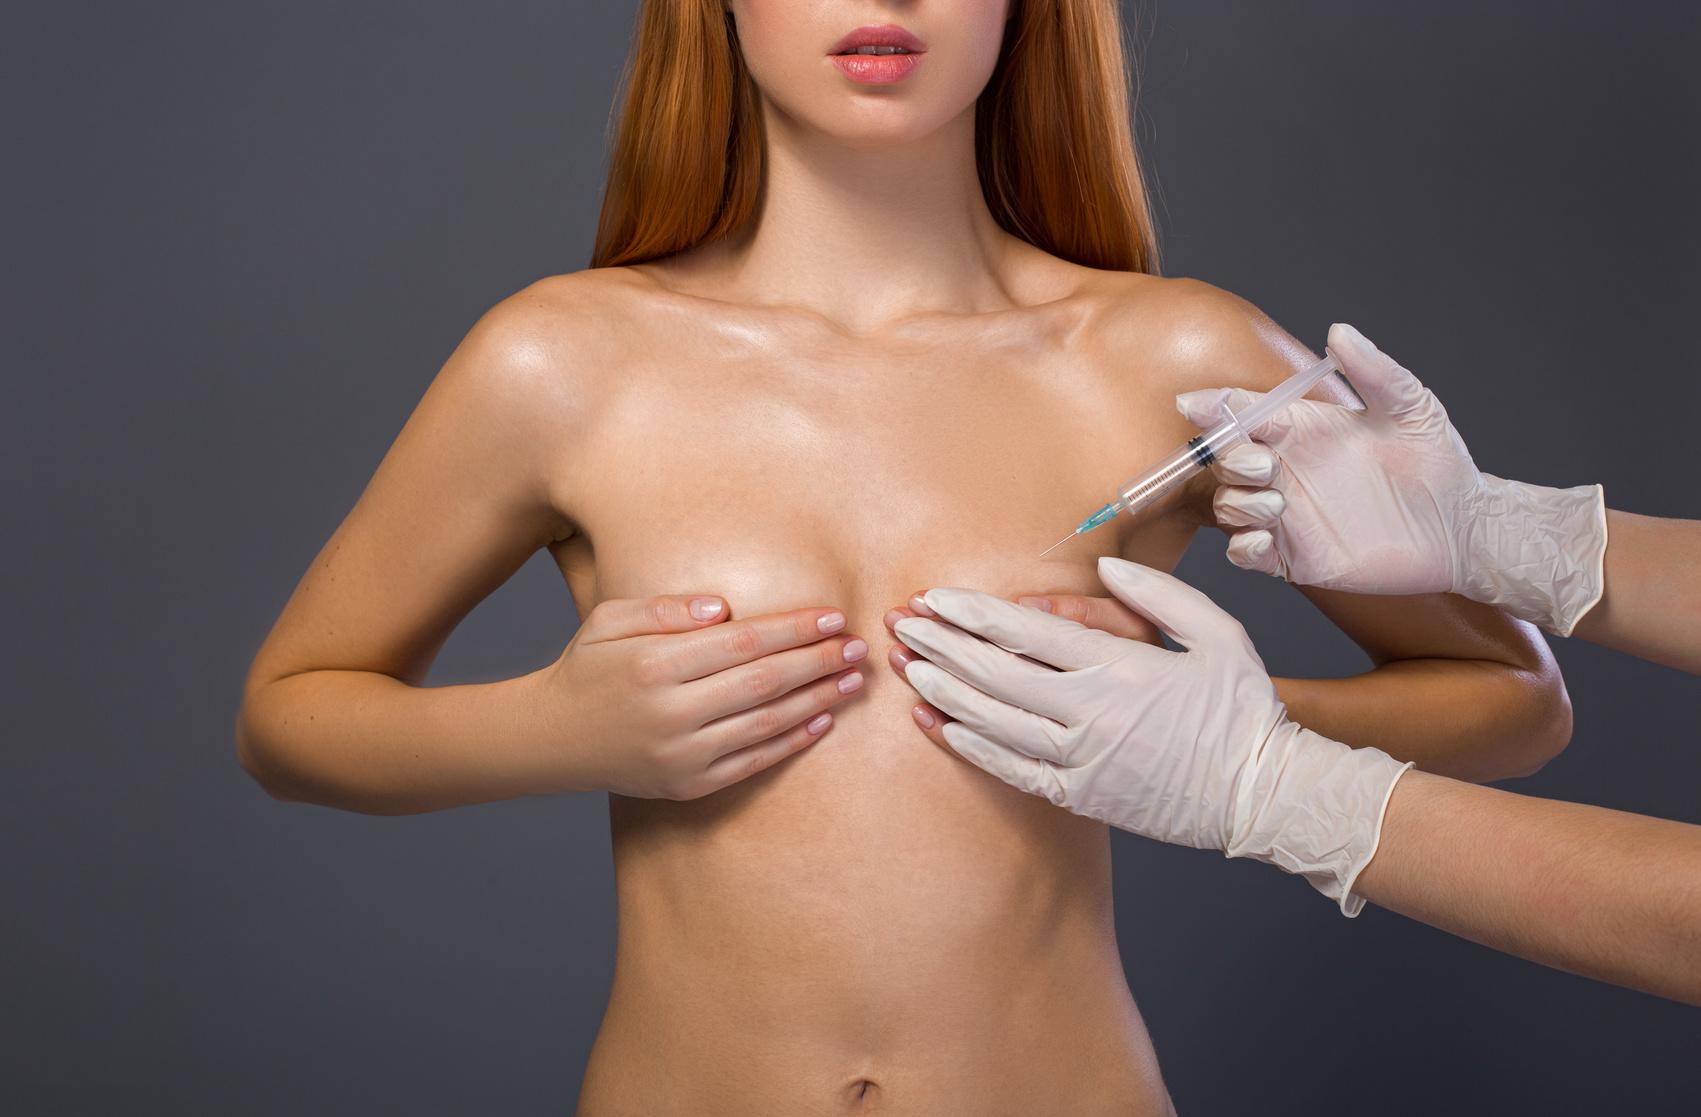 bezoperacyjne powiększanie piersi